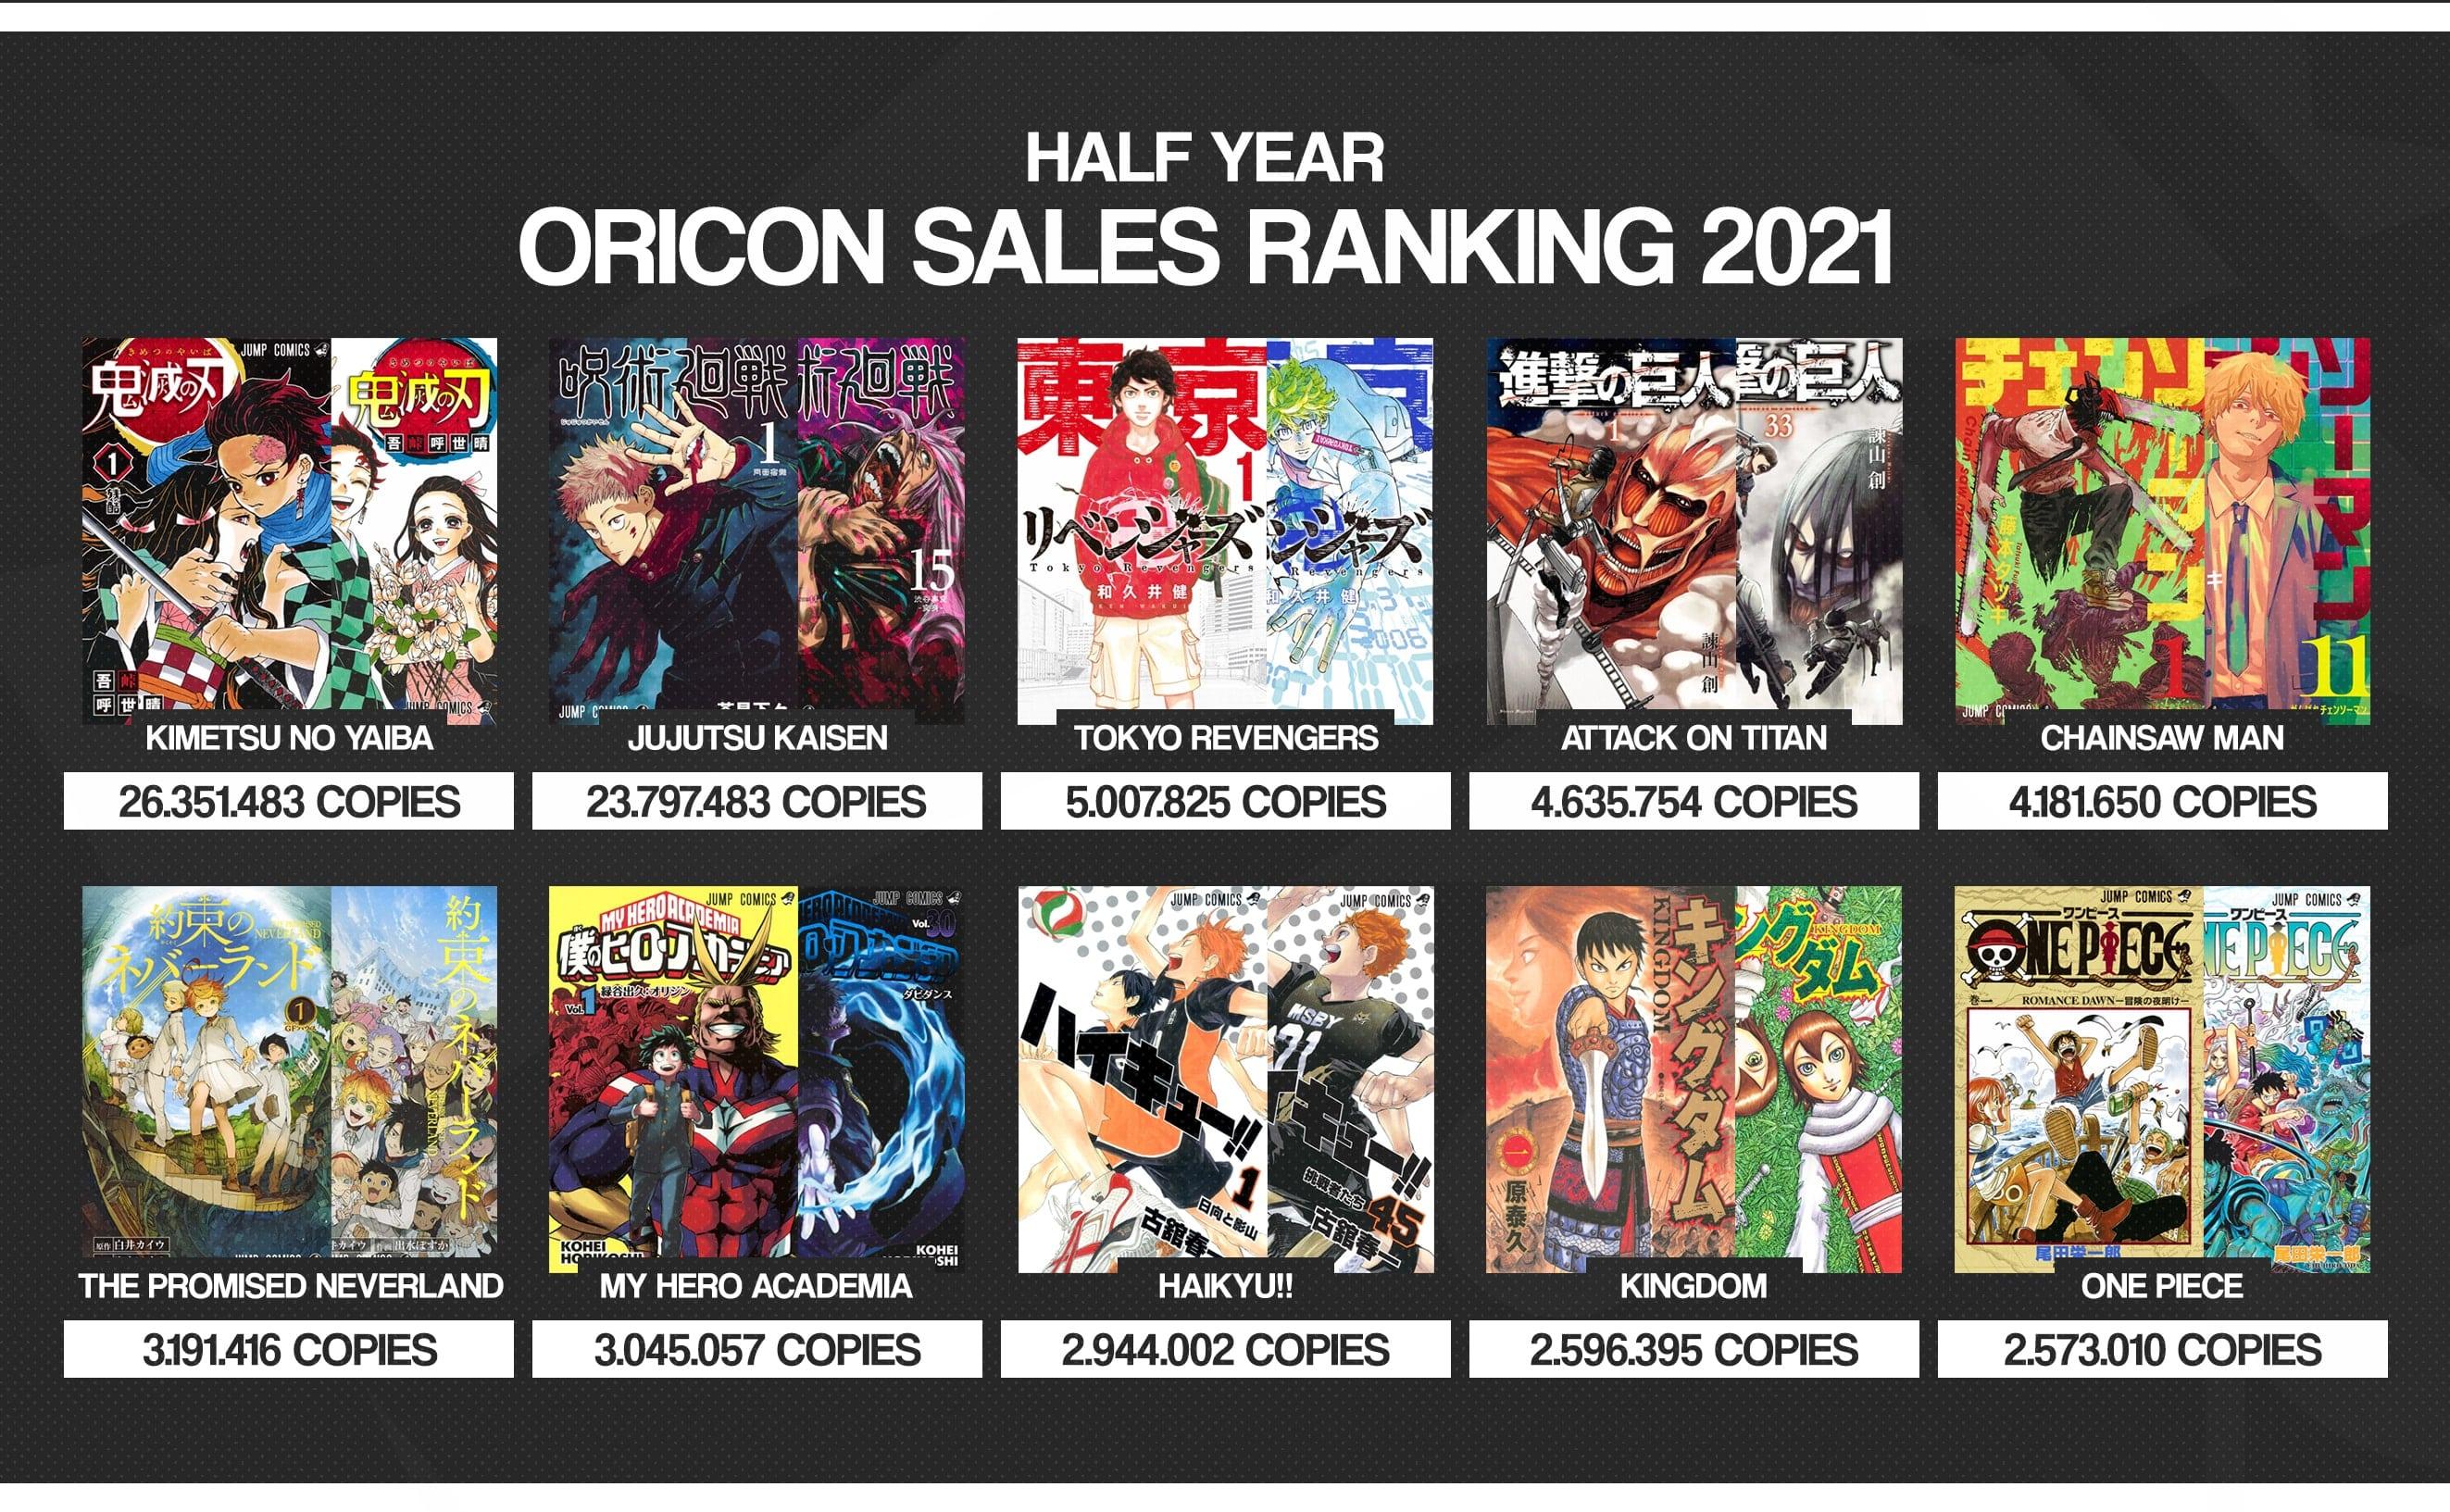 Sampai tahun 2021 Demon Slayer masih menempati peringkat 1 dan mengalahkan manga populer lainnya